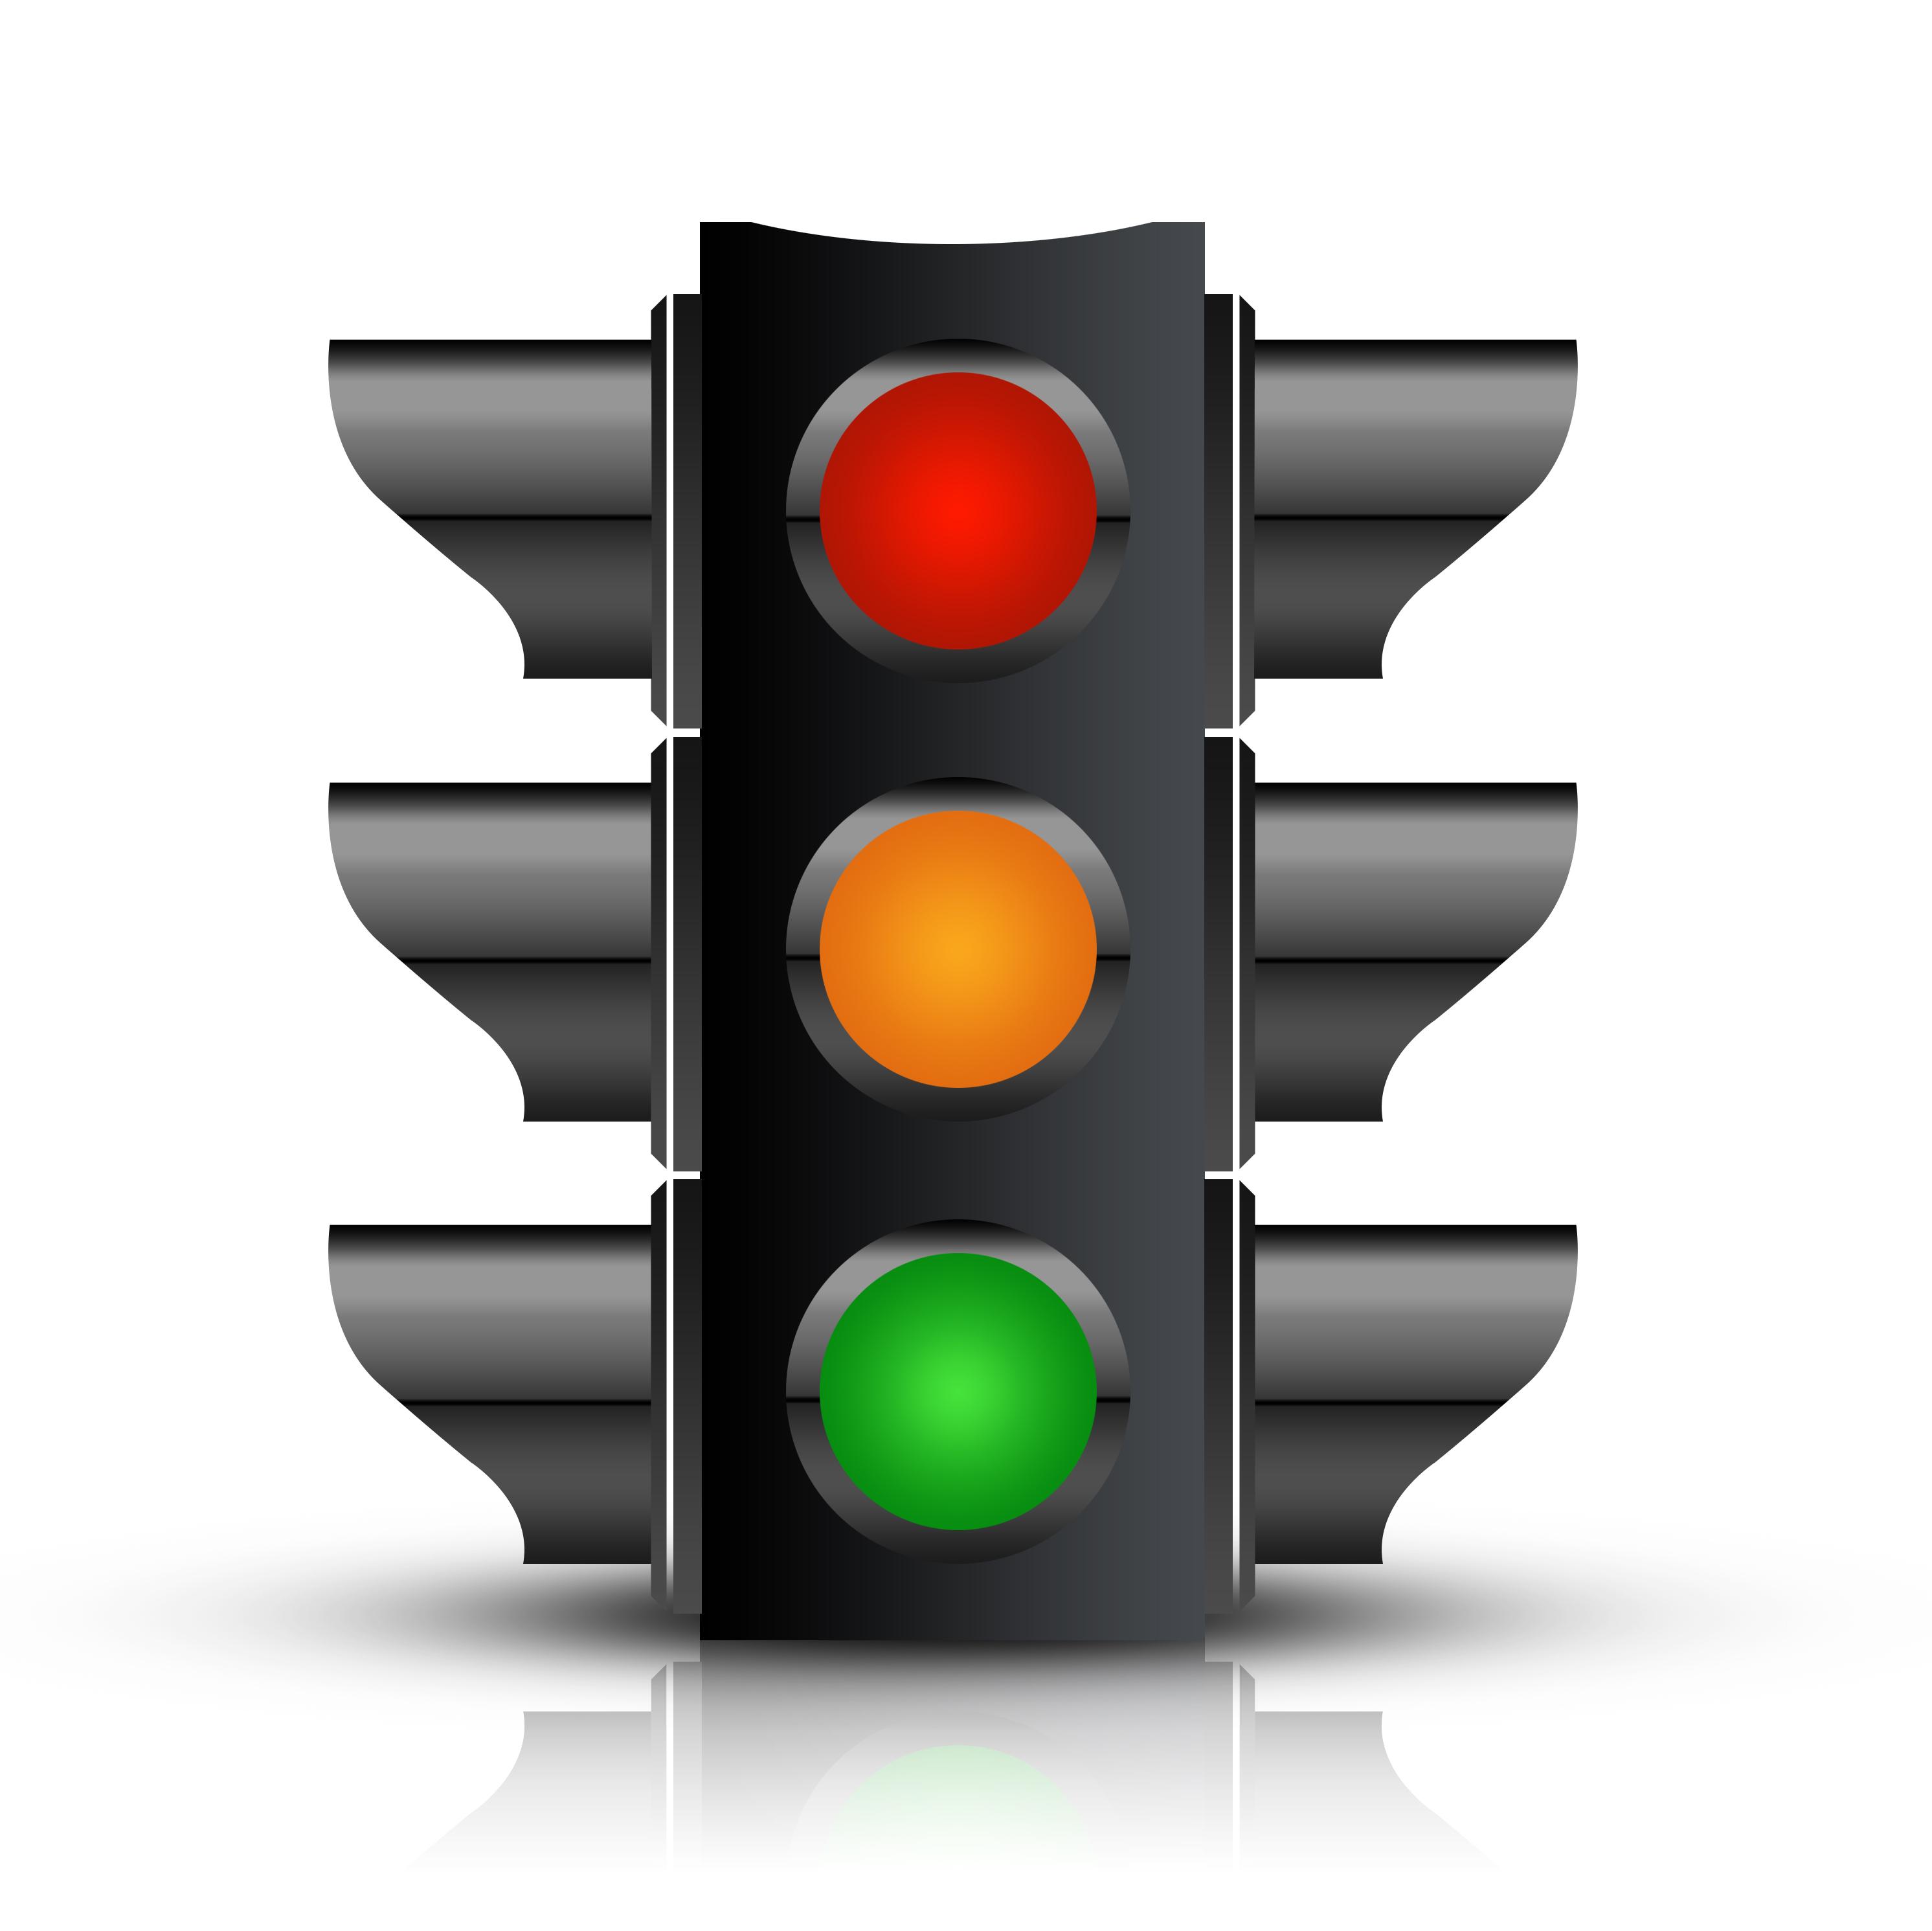 Canlı Kredi Yönetimi ve Erken Uyarı Sinyalleri